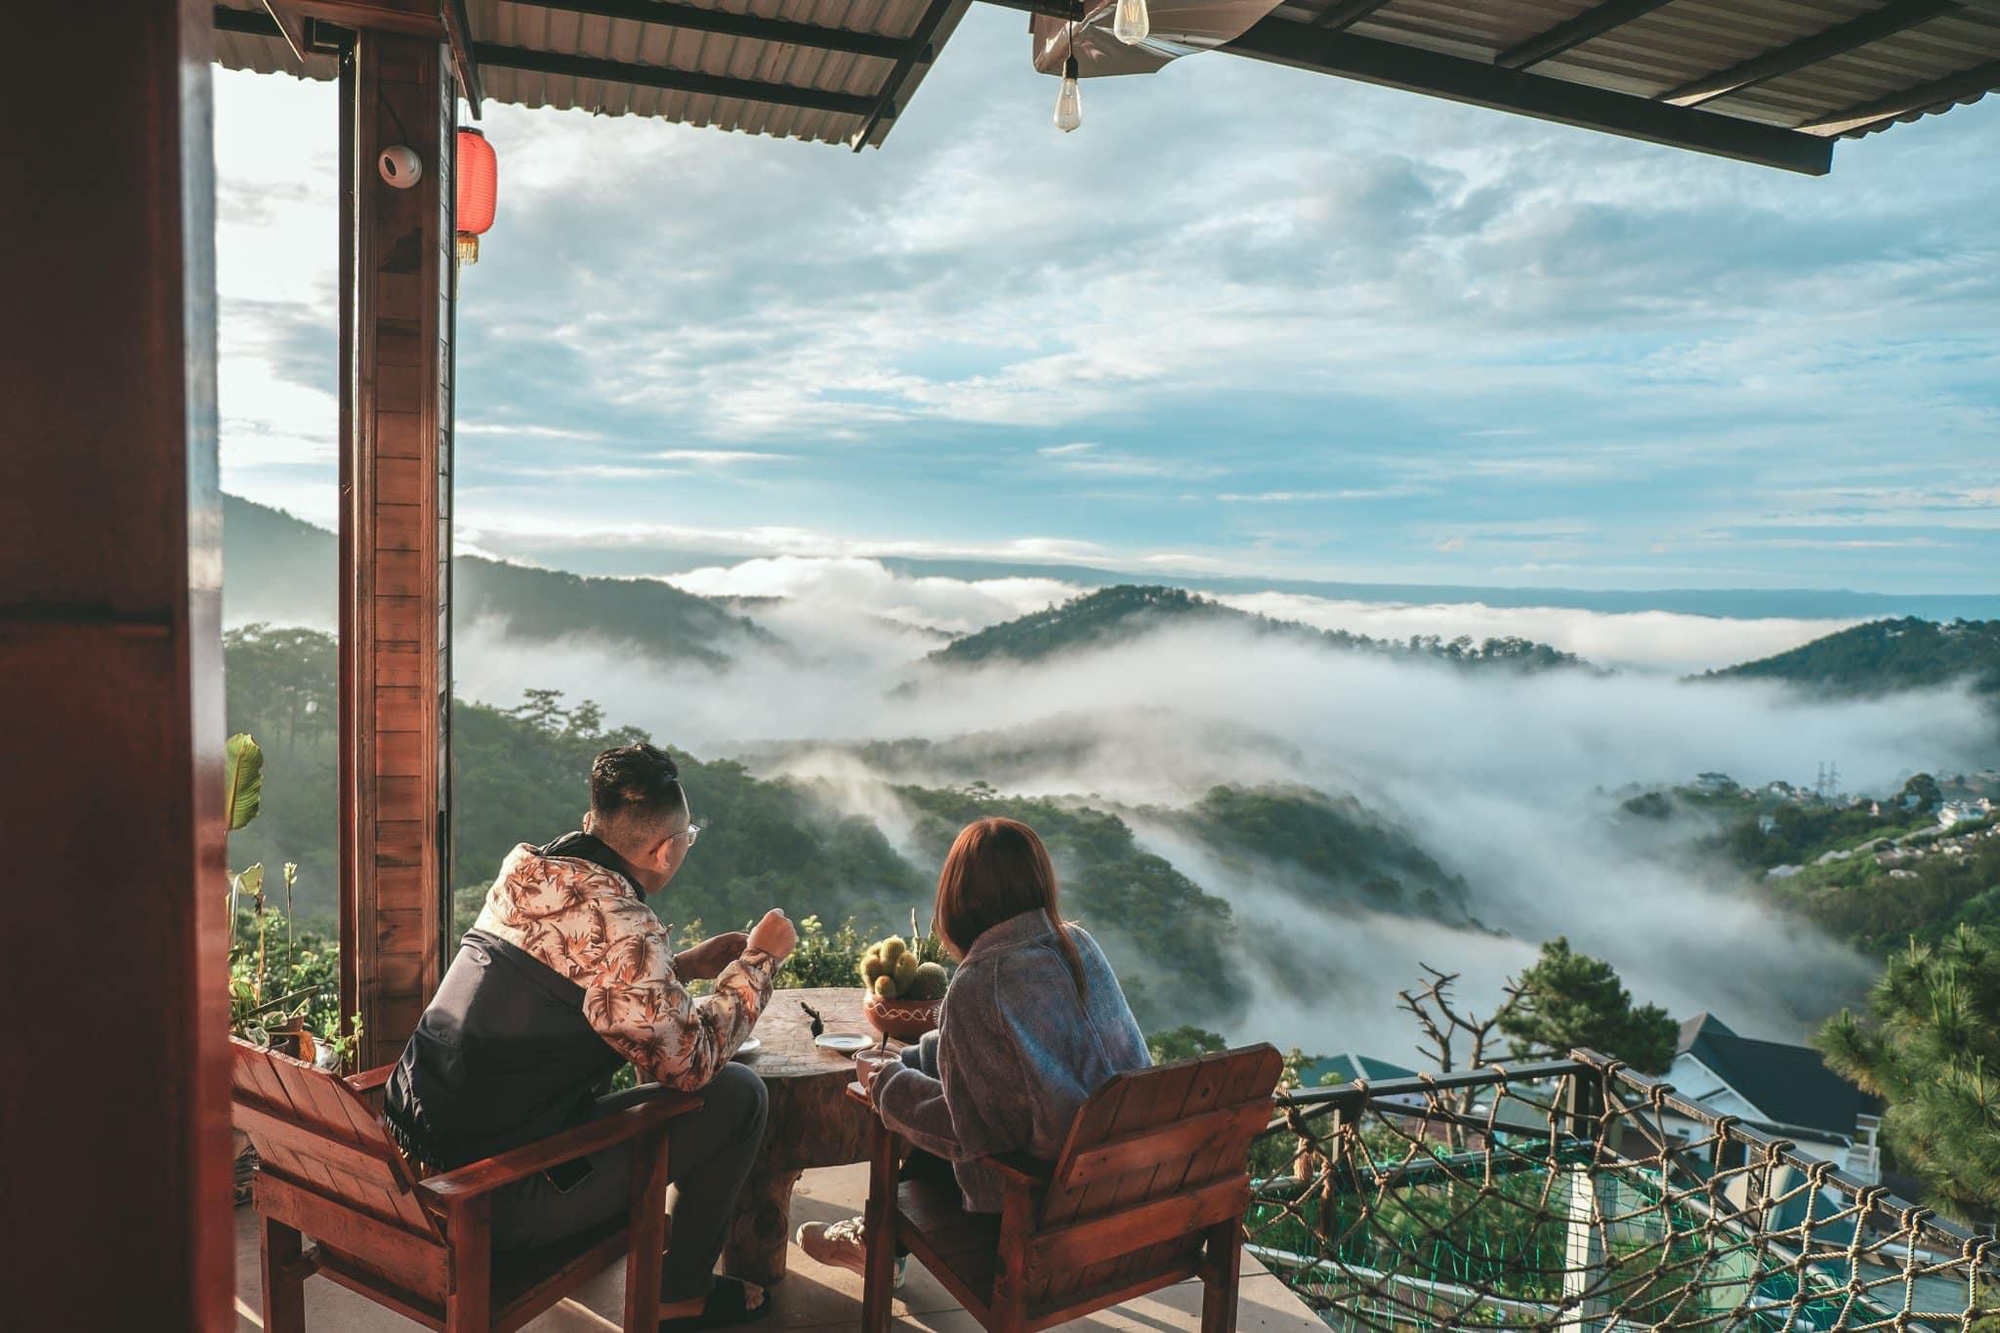 """Kimochi coffee địa điểm """"săn mây"""" không thể bỏ lỡ tại """"Vùng đất mơ"""" Đà Lạt - Ảnh 2."""